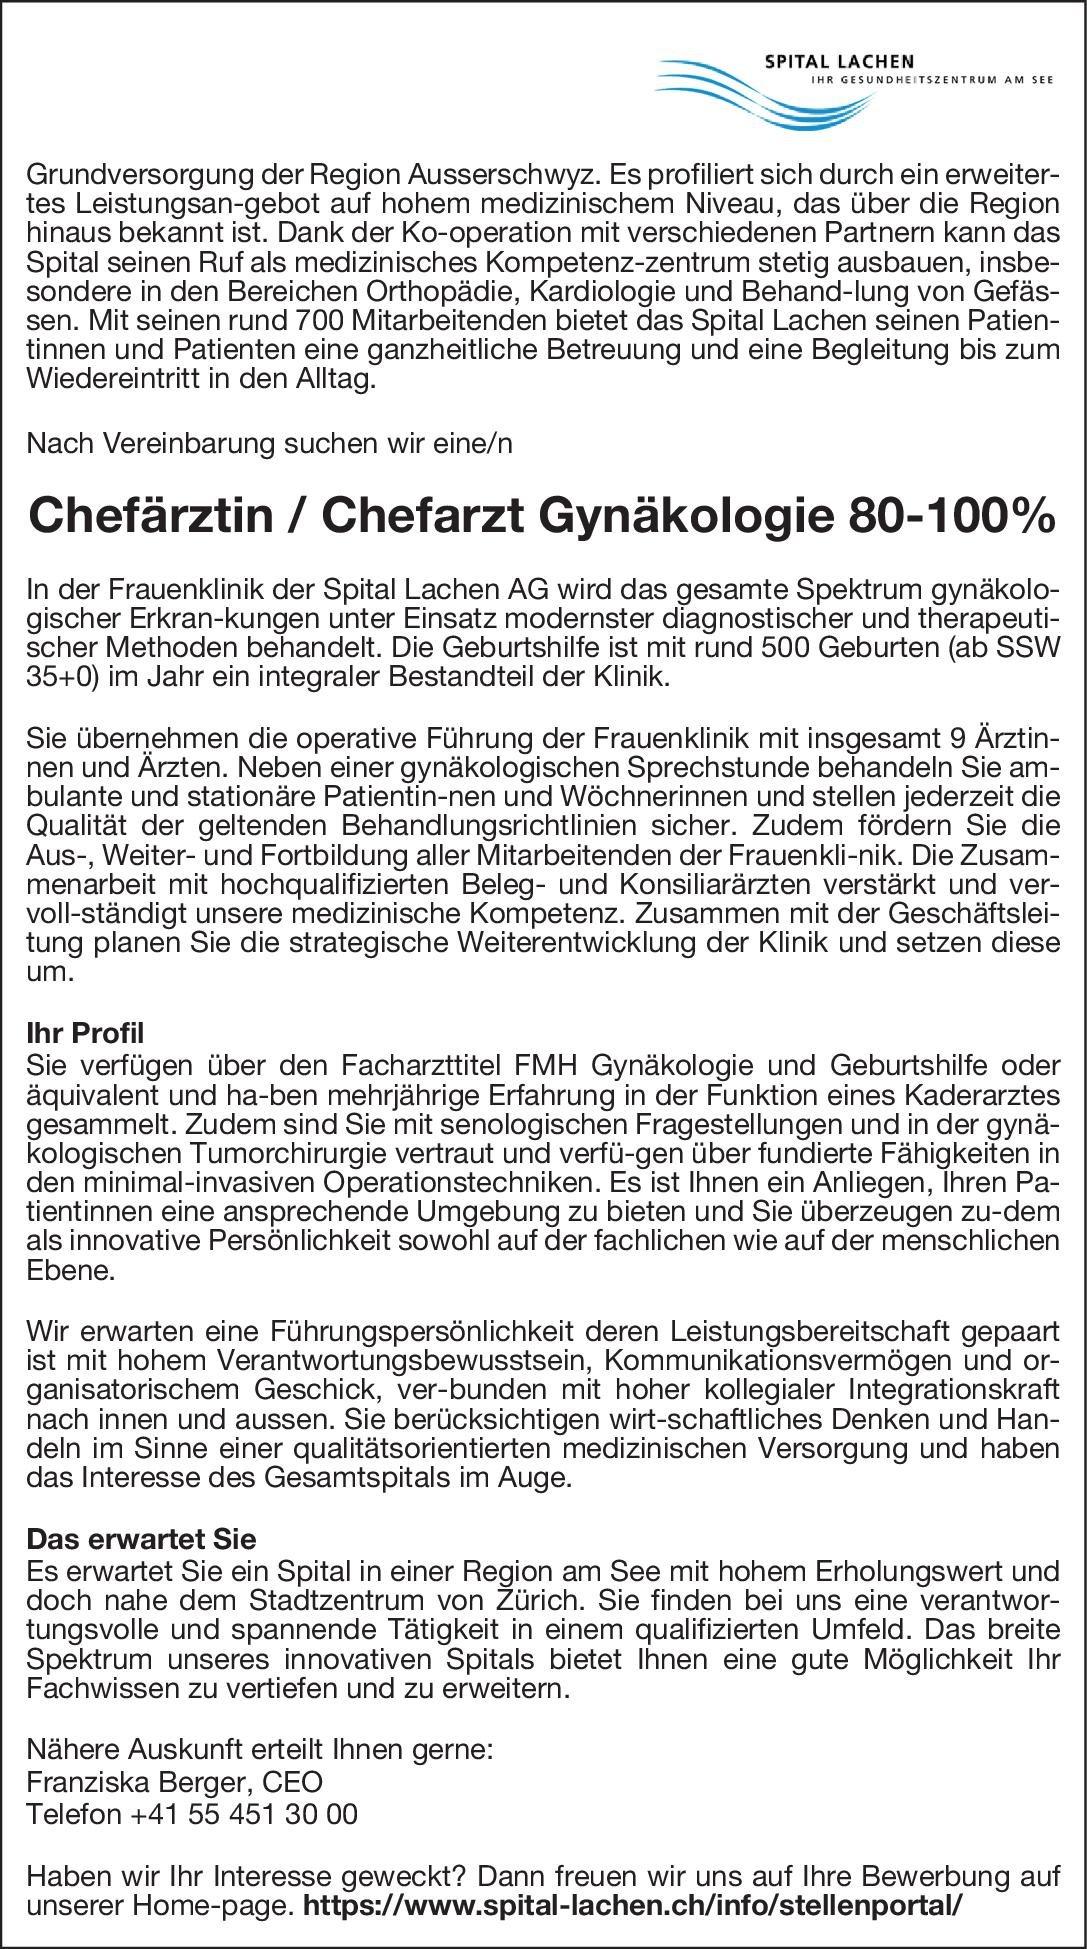 Spital Lachen AG Chefärztin / Chefarzt Gynäkologie 80-100%  Frauenheilkunde und Geburtshilfe, Frauenheilkunde und Geburtshilfe Chefarzt